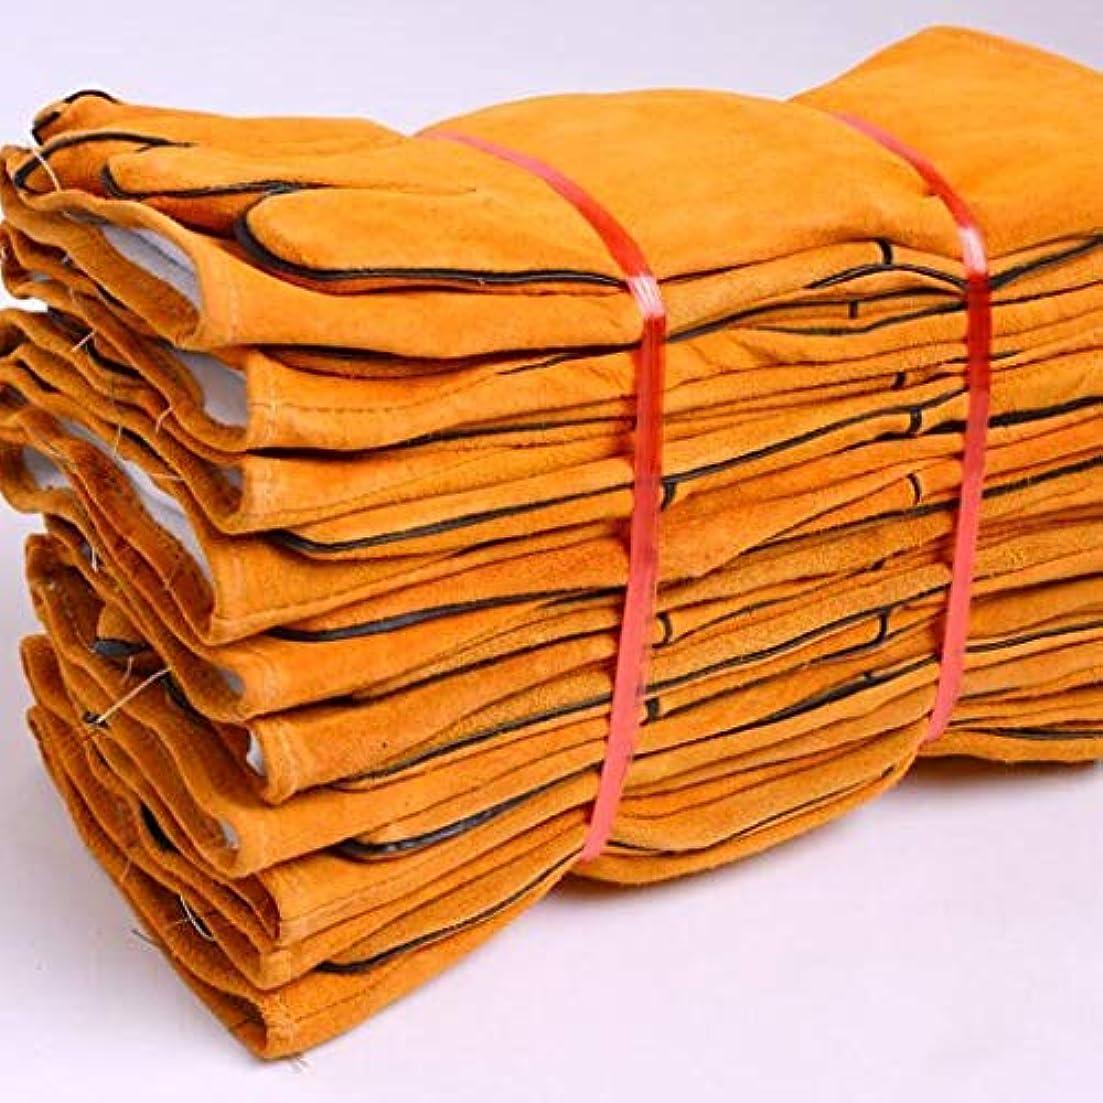 仲介者雨の行商人レザーグローブ溶接機溶接溶接溶接機の手袋耐摩耗性の長い厚い耐熱絶縁の抗スケーリング8ペア SHWSM (Color : Yellow)